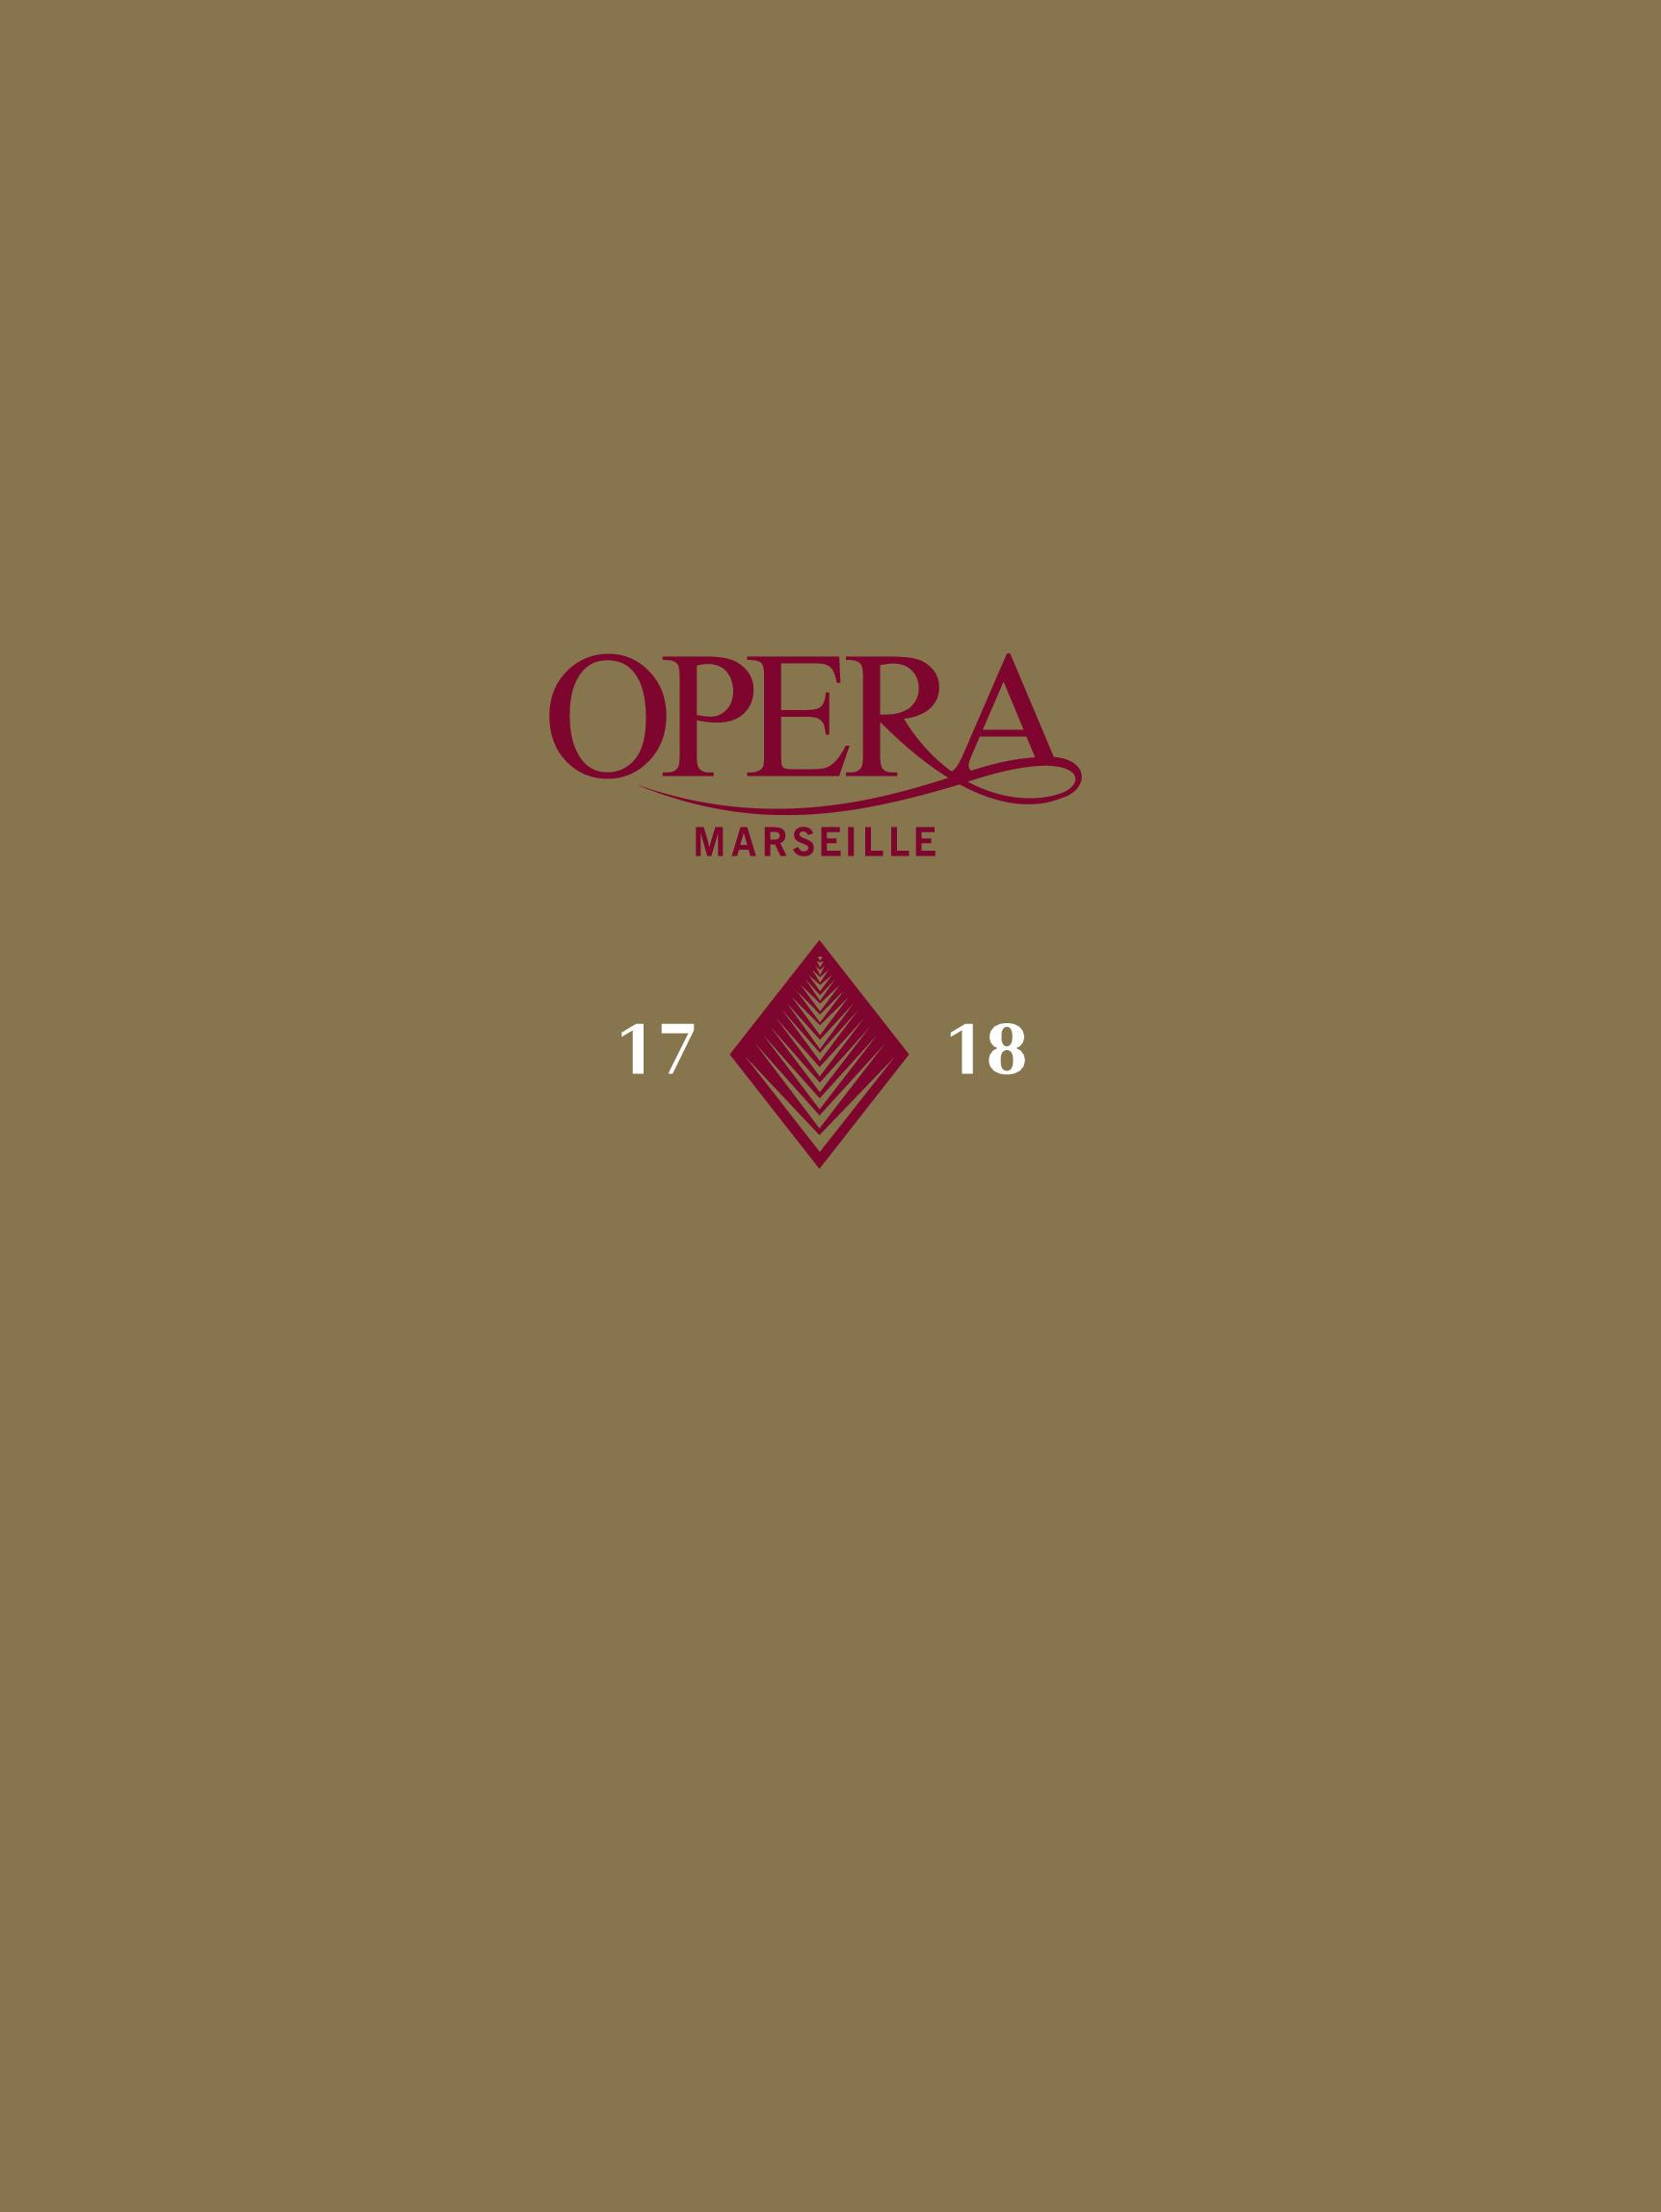 Opéra de Marseille - Brochure de Saison. 2017/2018, Opéra de Marseille |